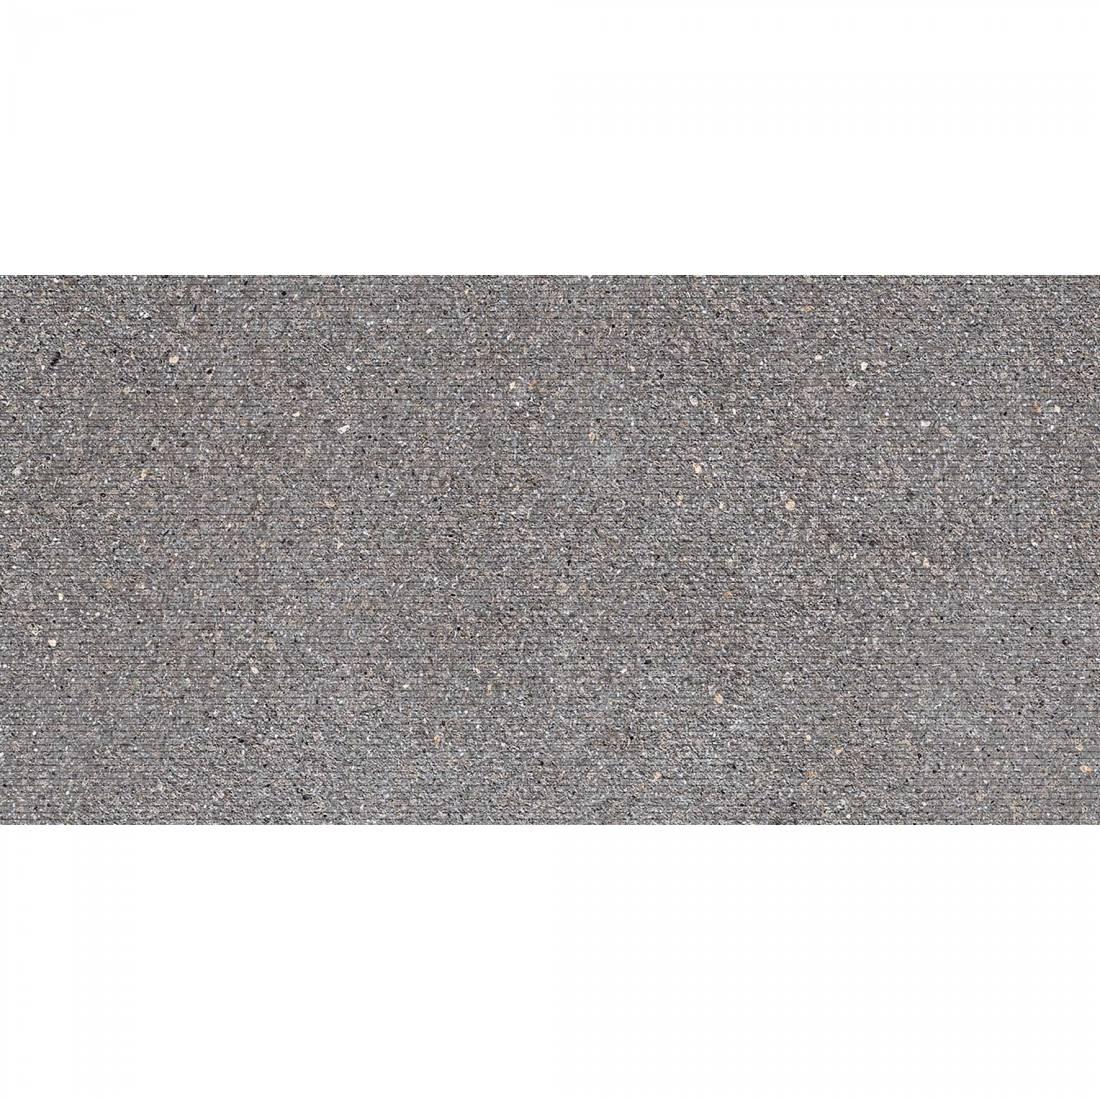 Duncan Lines 30x60 Dark Grey 1